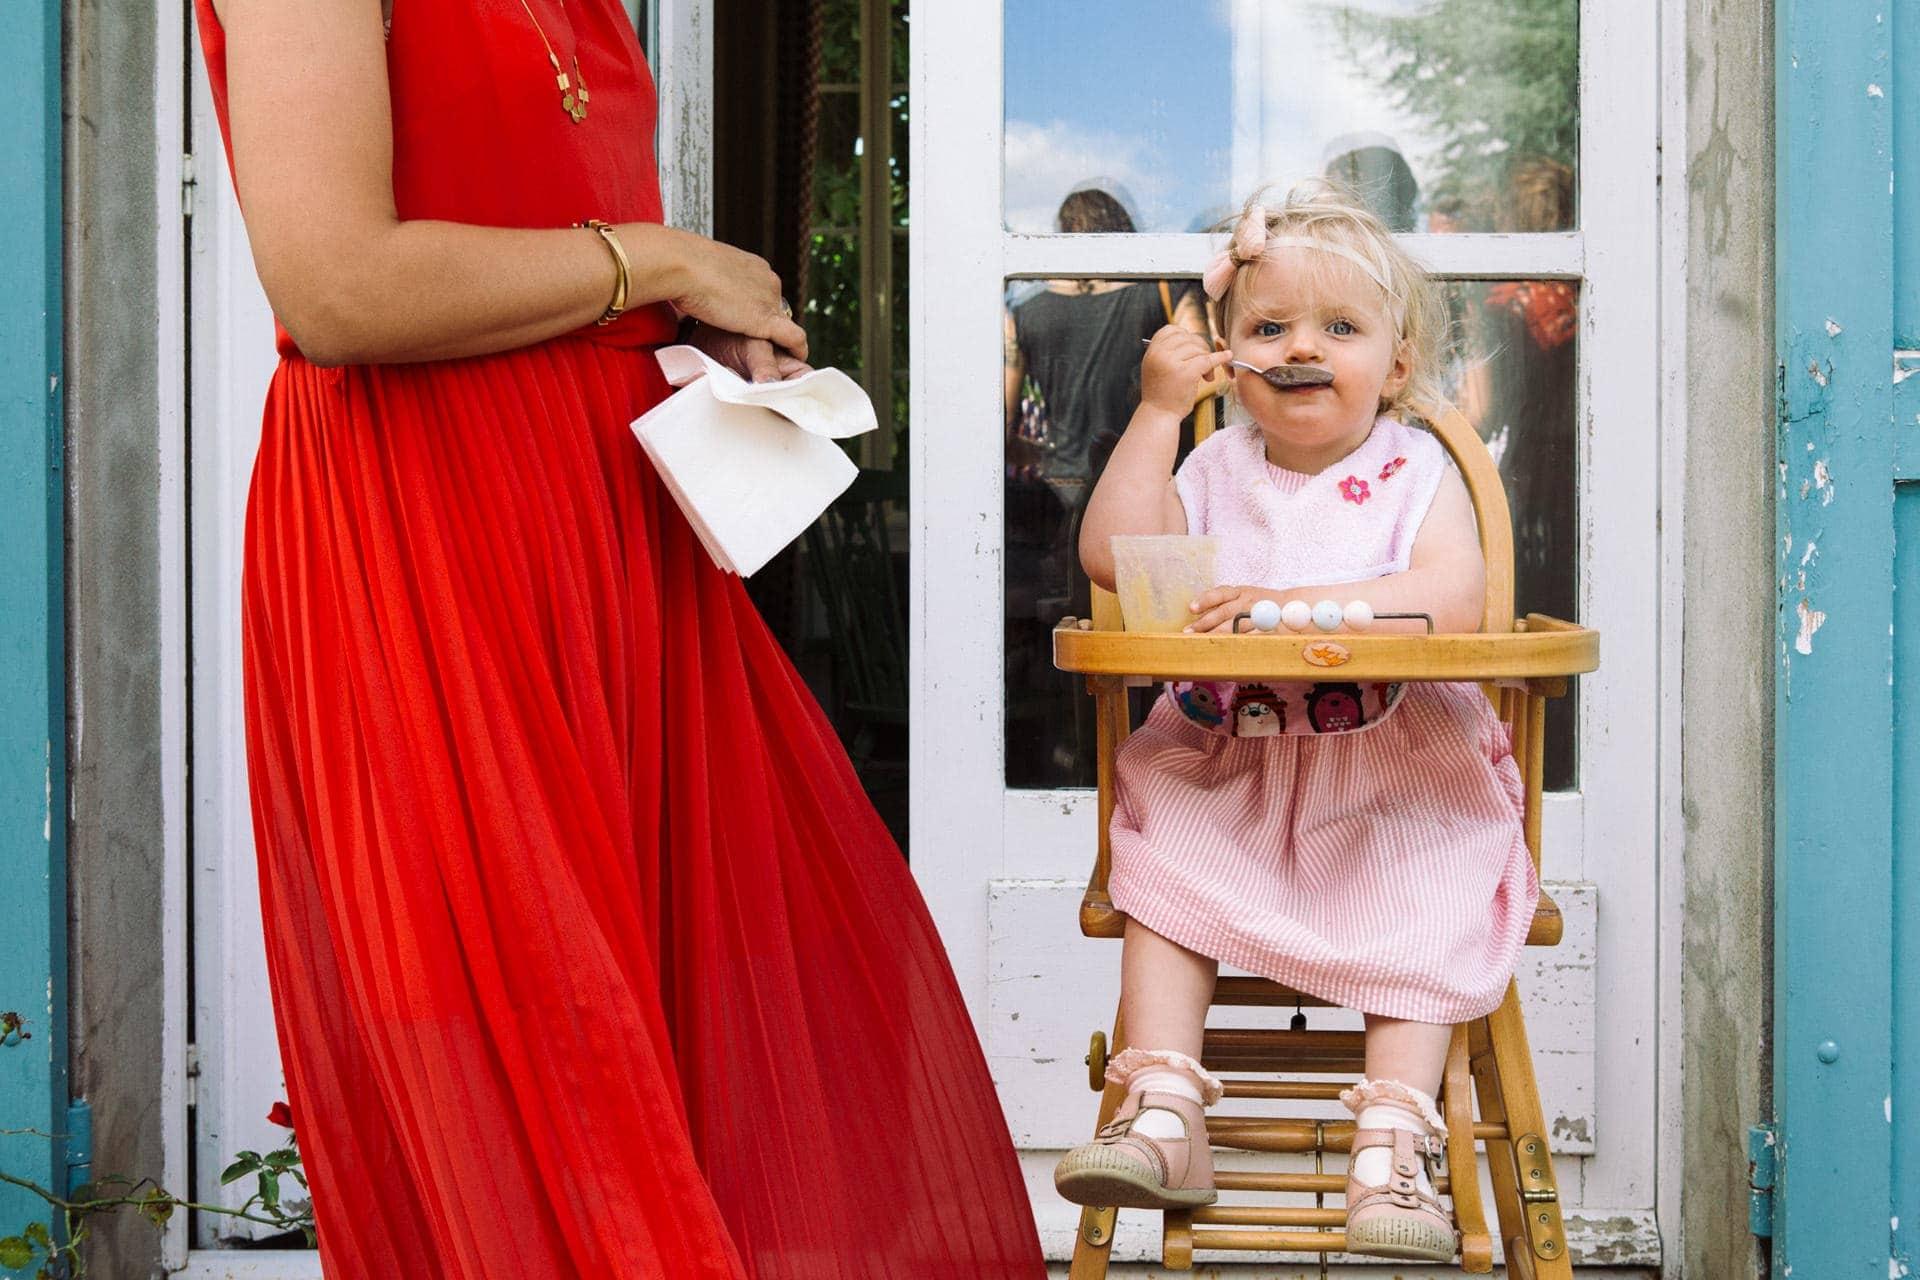 petit fille qui mange Photo des mains des mariés pendant la cérémonie laïque . Ernestine et sa famille photographe de mariage à l'approche reportage